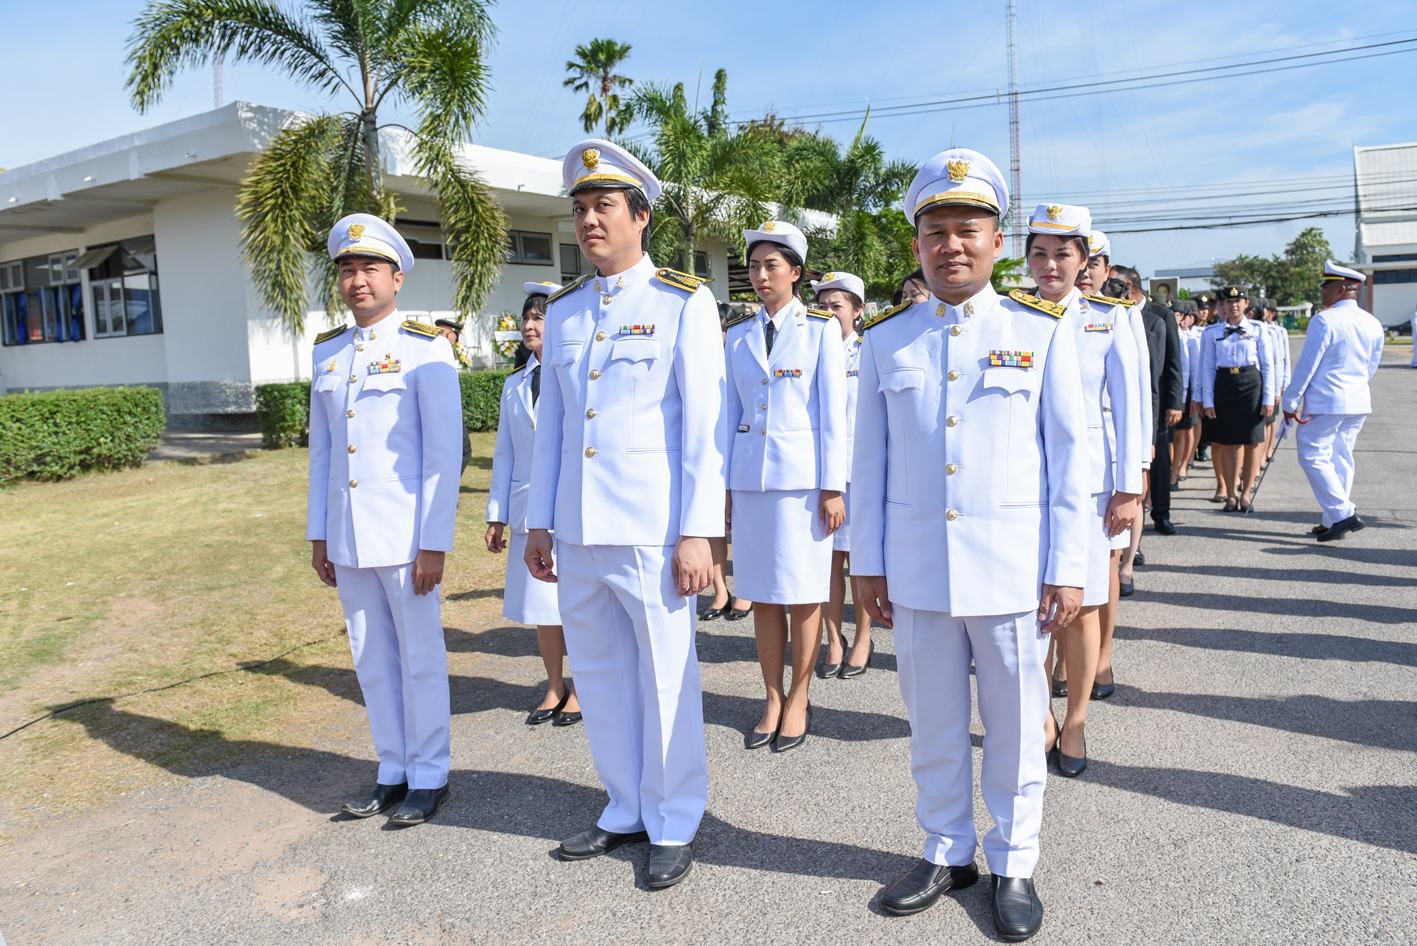 กองสื่อสารองค์กร มข.ร่วมวางพวงมาลา วันคล้ายวันสวรรคต สมเด็จพระศรีพัชรินทราฯ ประจำปี2561